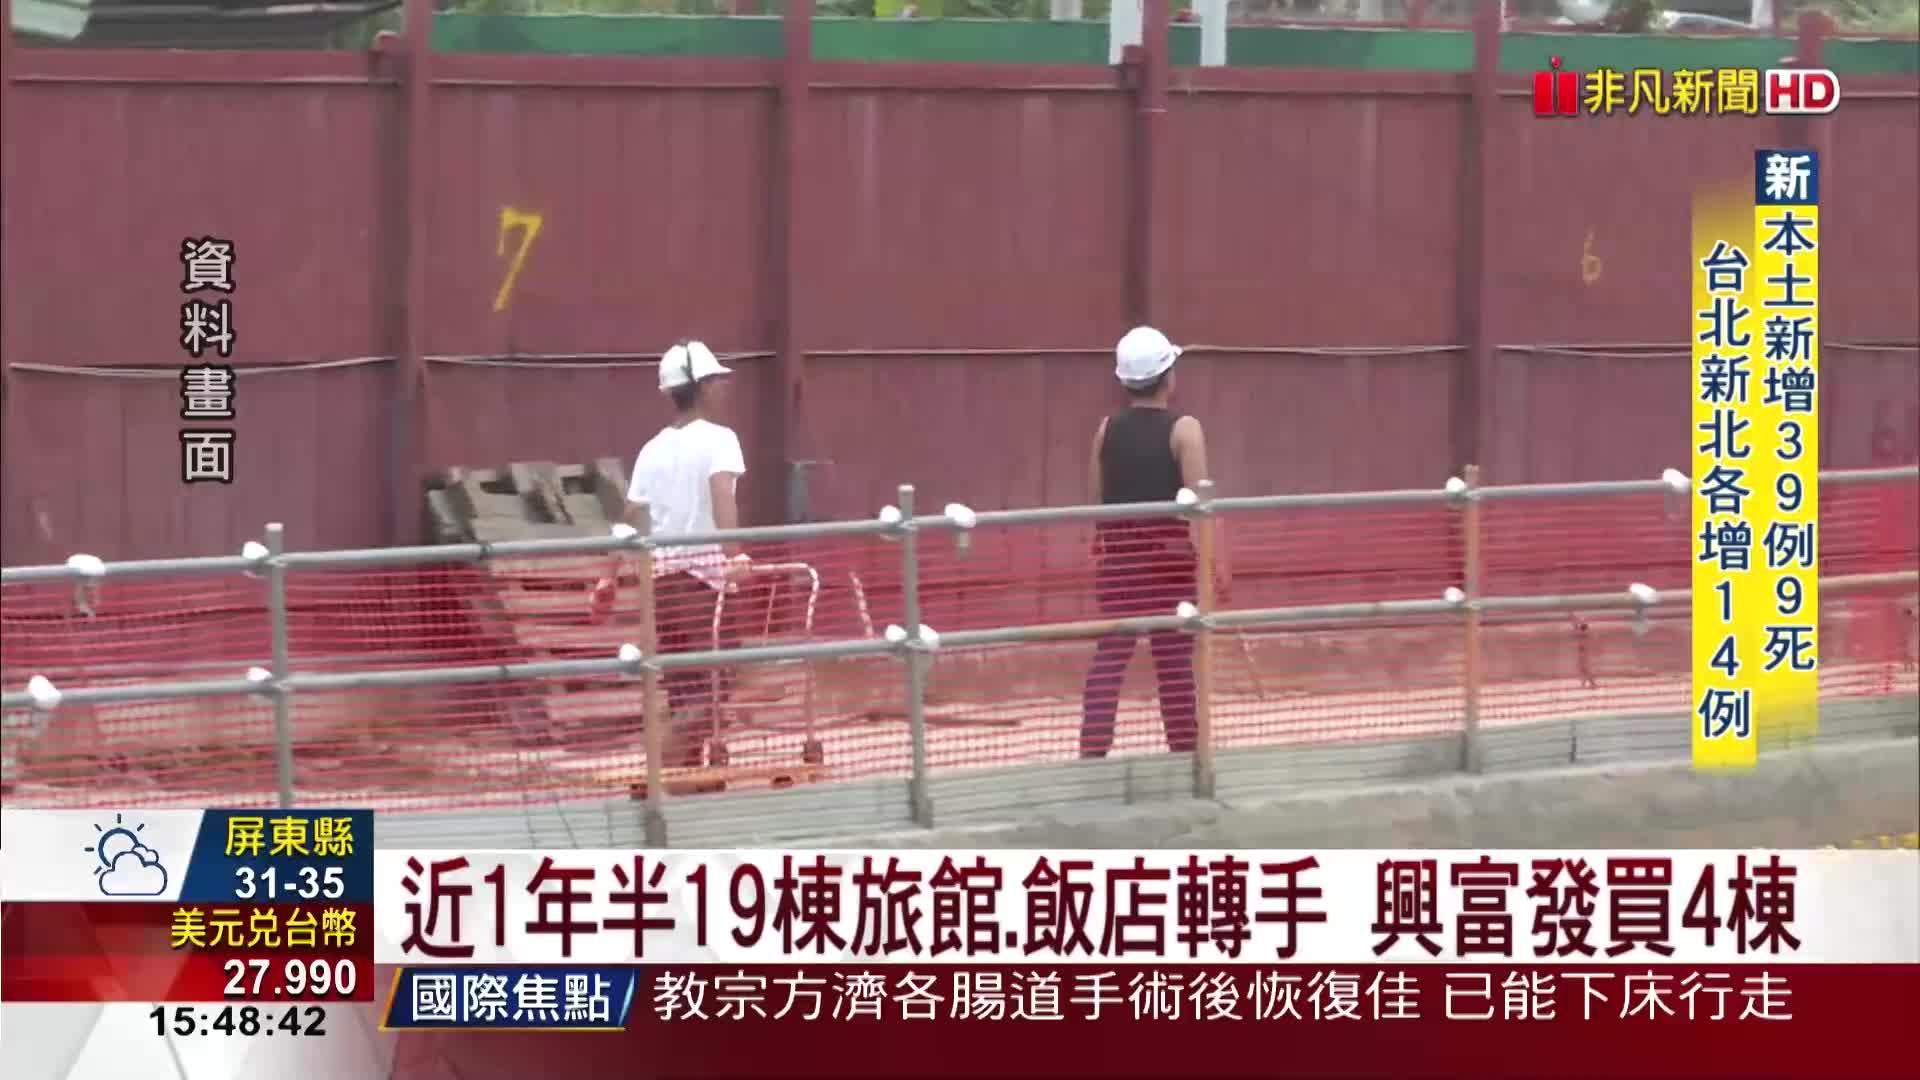 中石化重啟亞灣區標售案 底價27.4億起跳